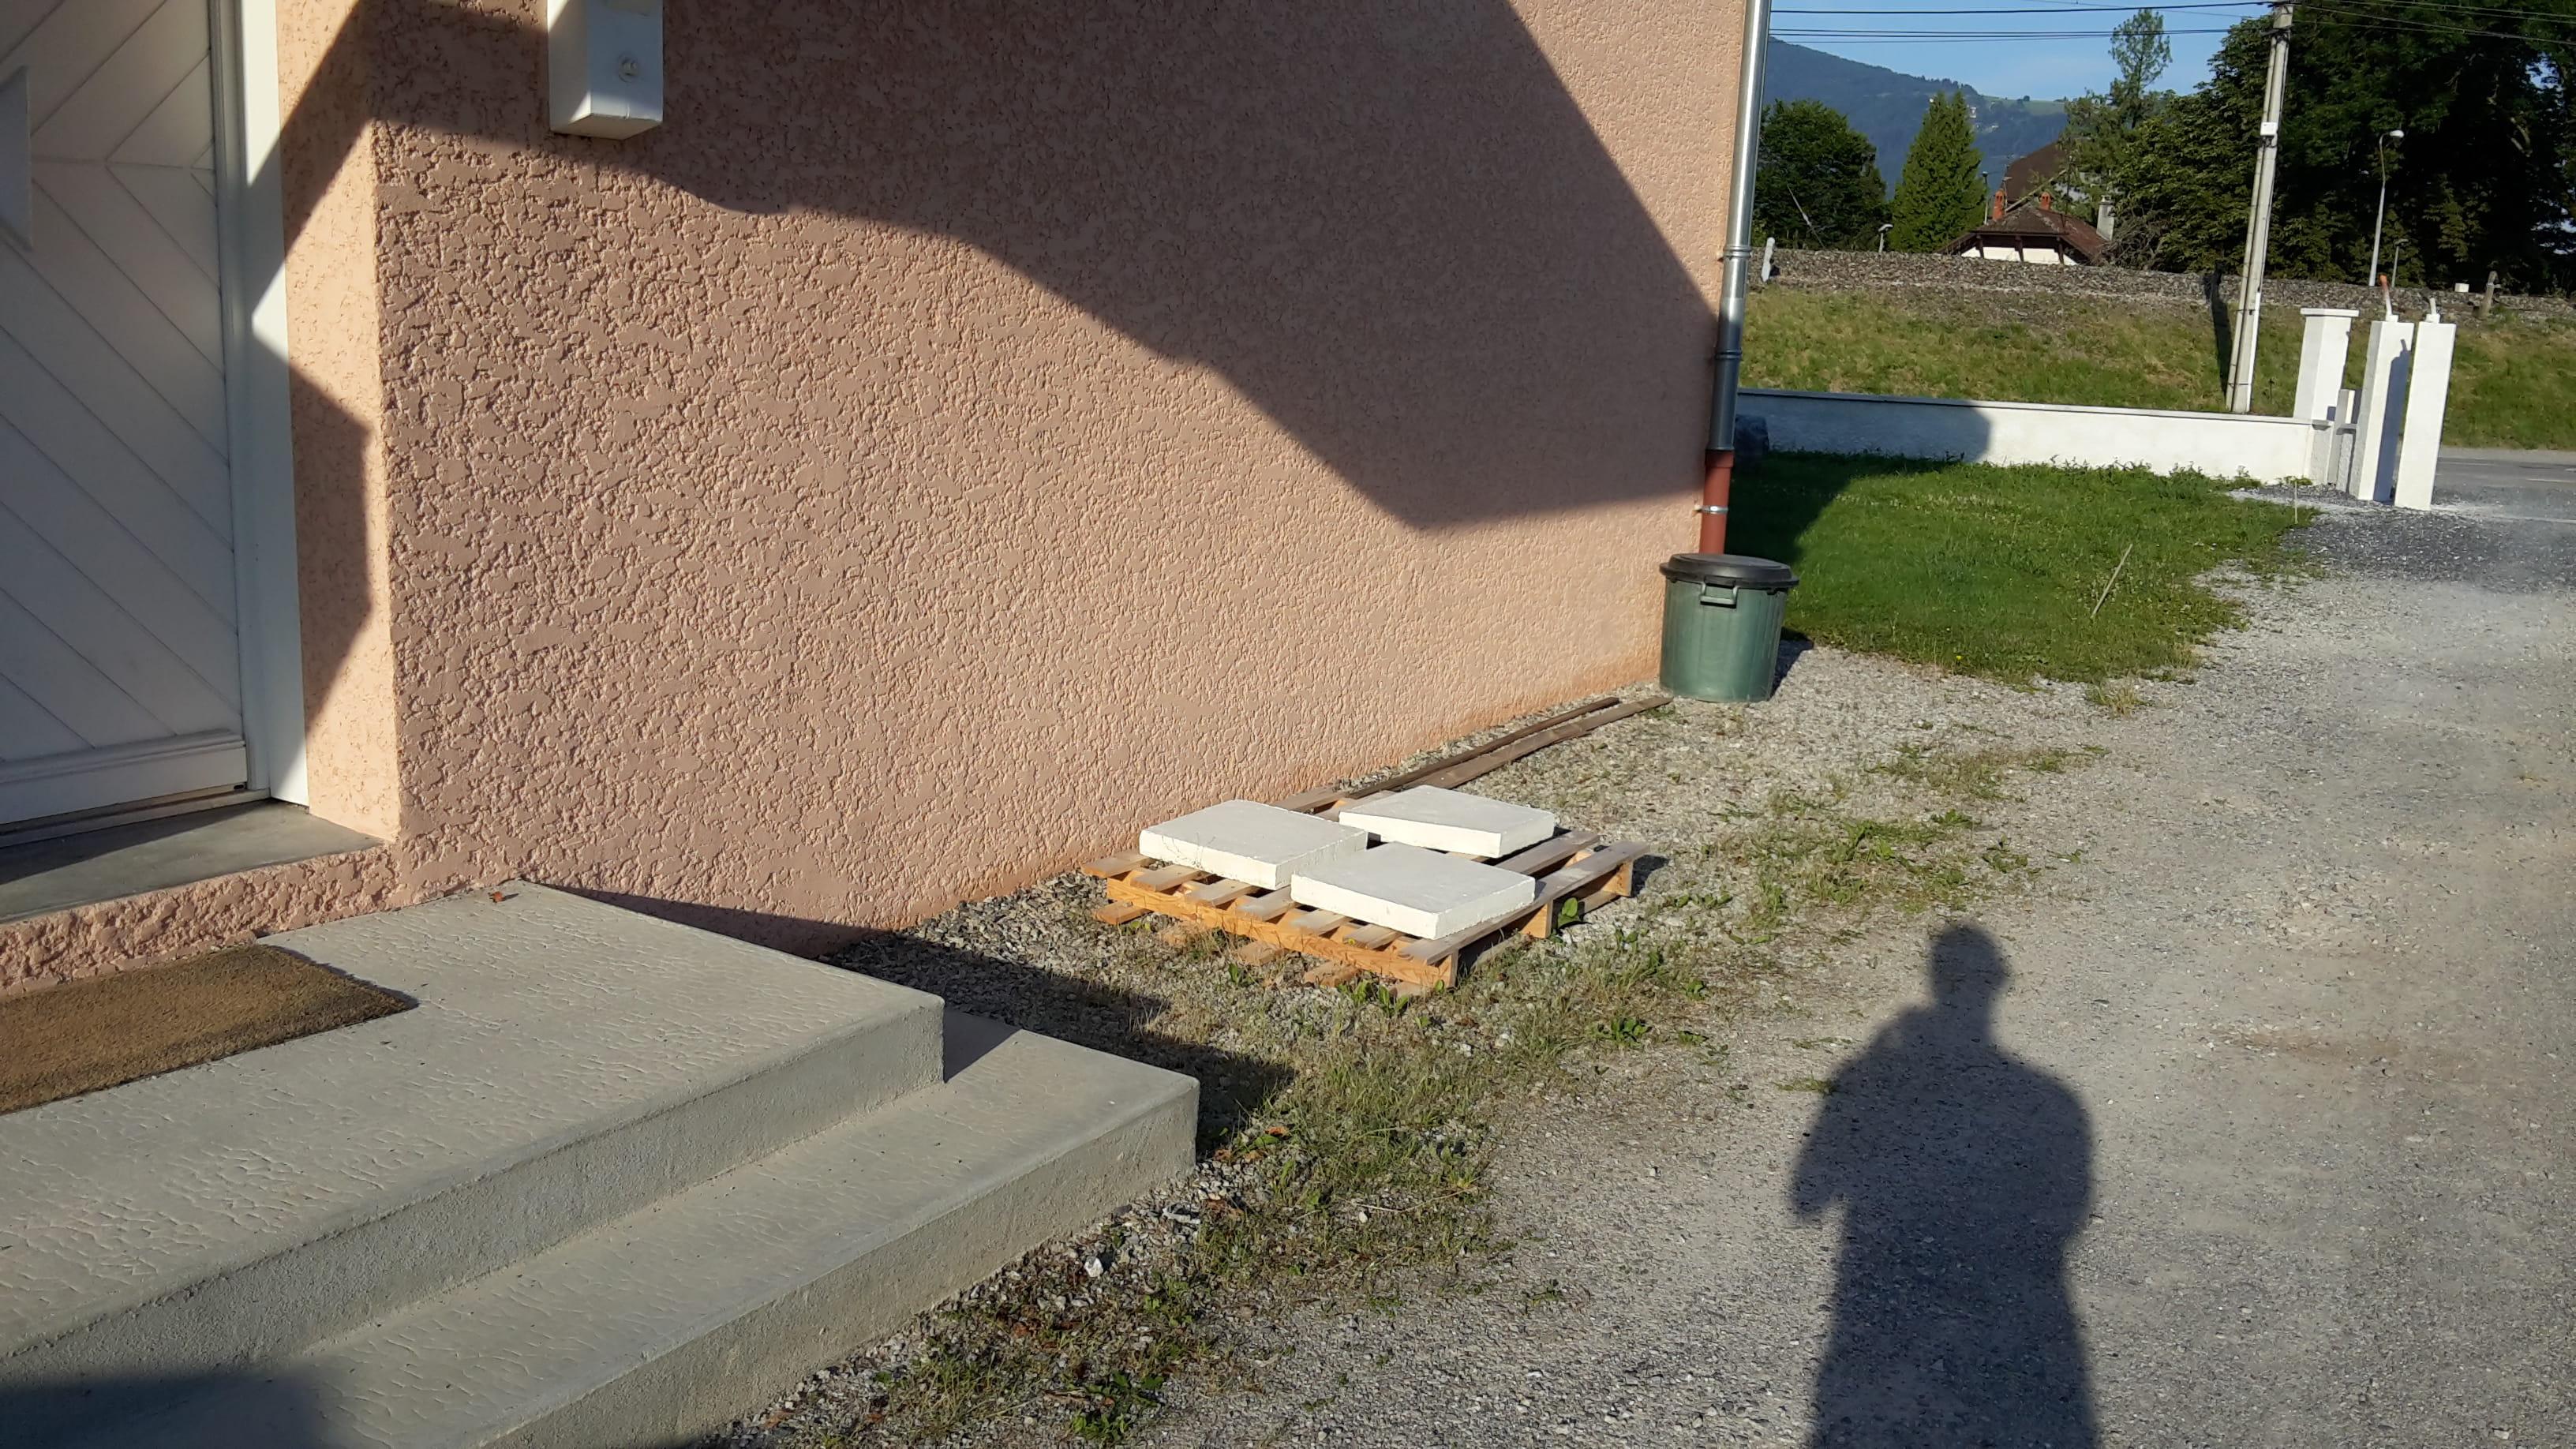 Comment Ventiler Un Garage Humide remontée humidité (humidité dans vide sanitaire